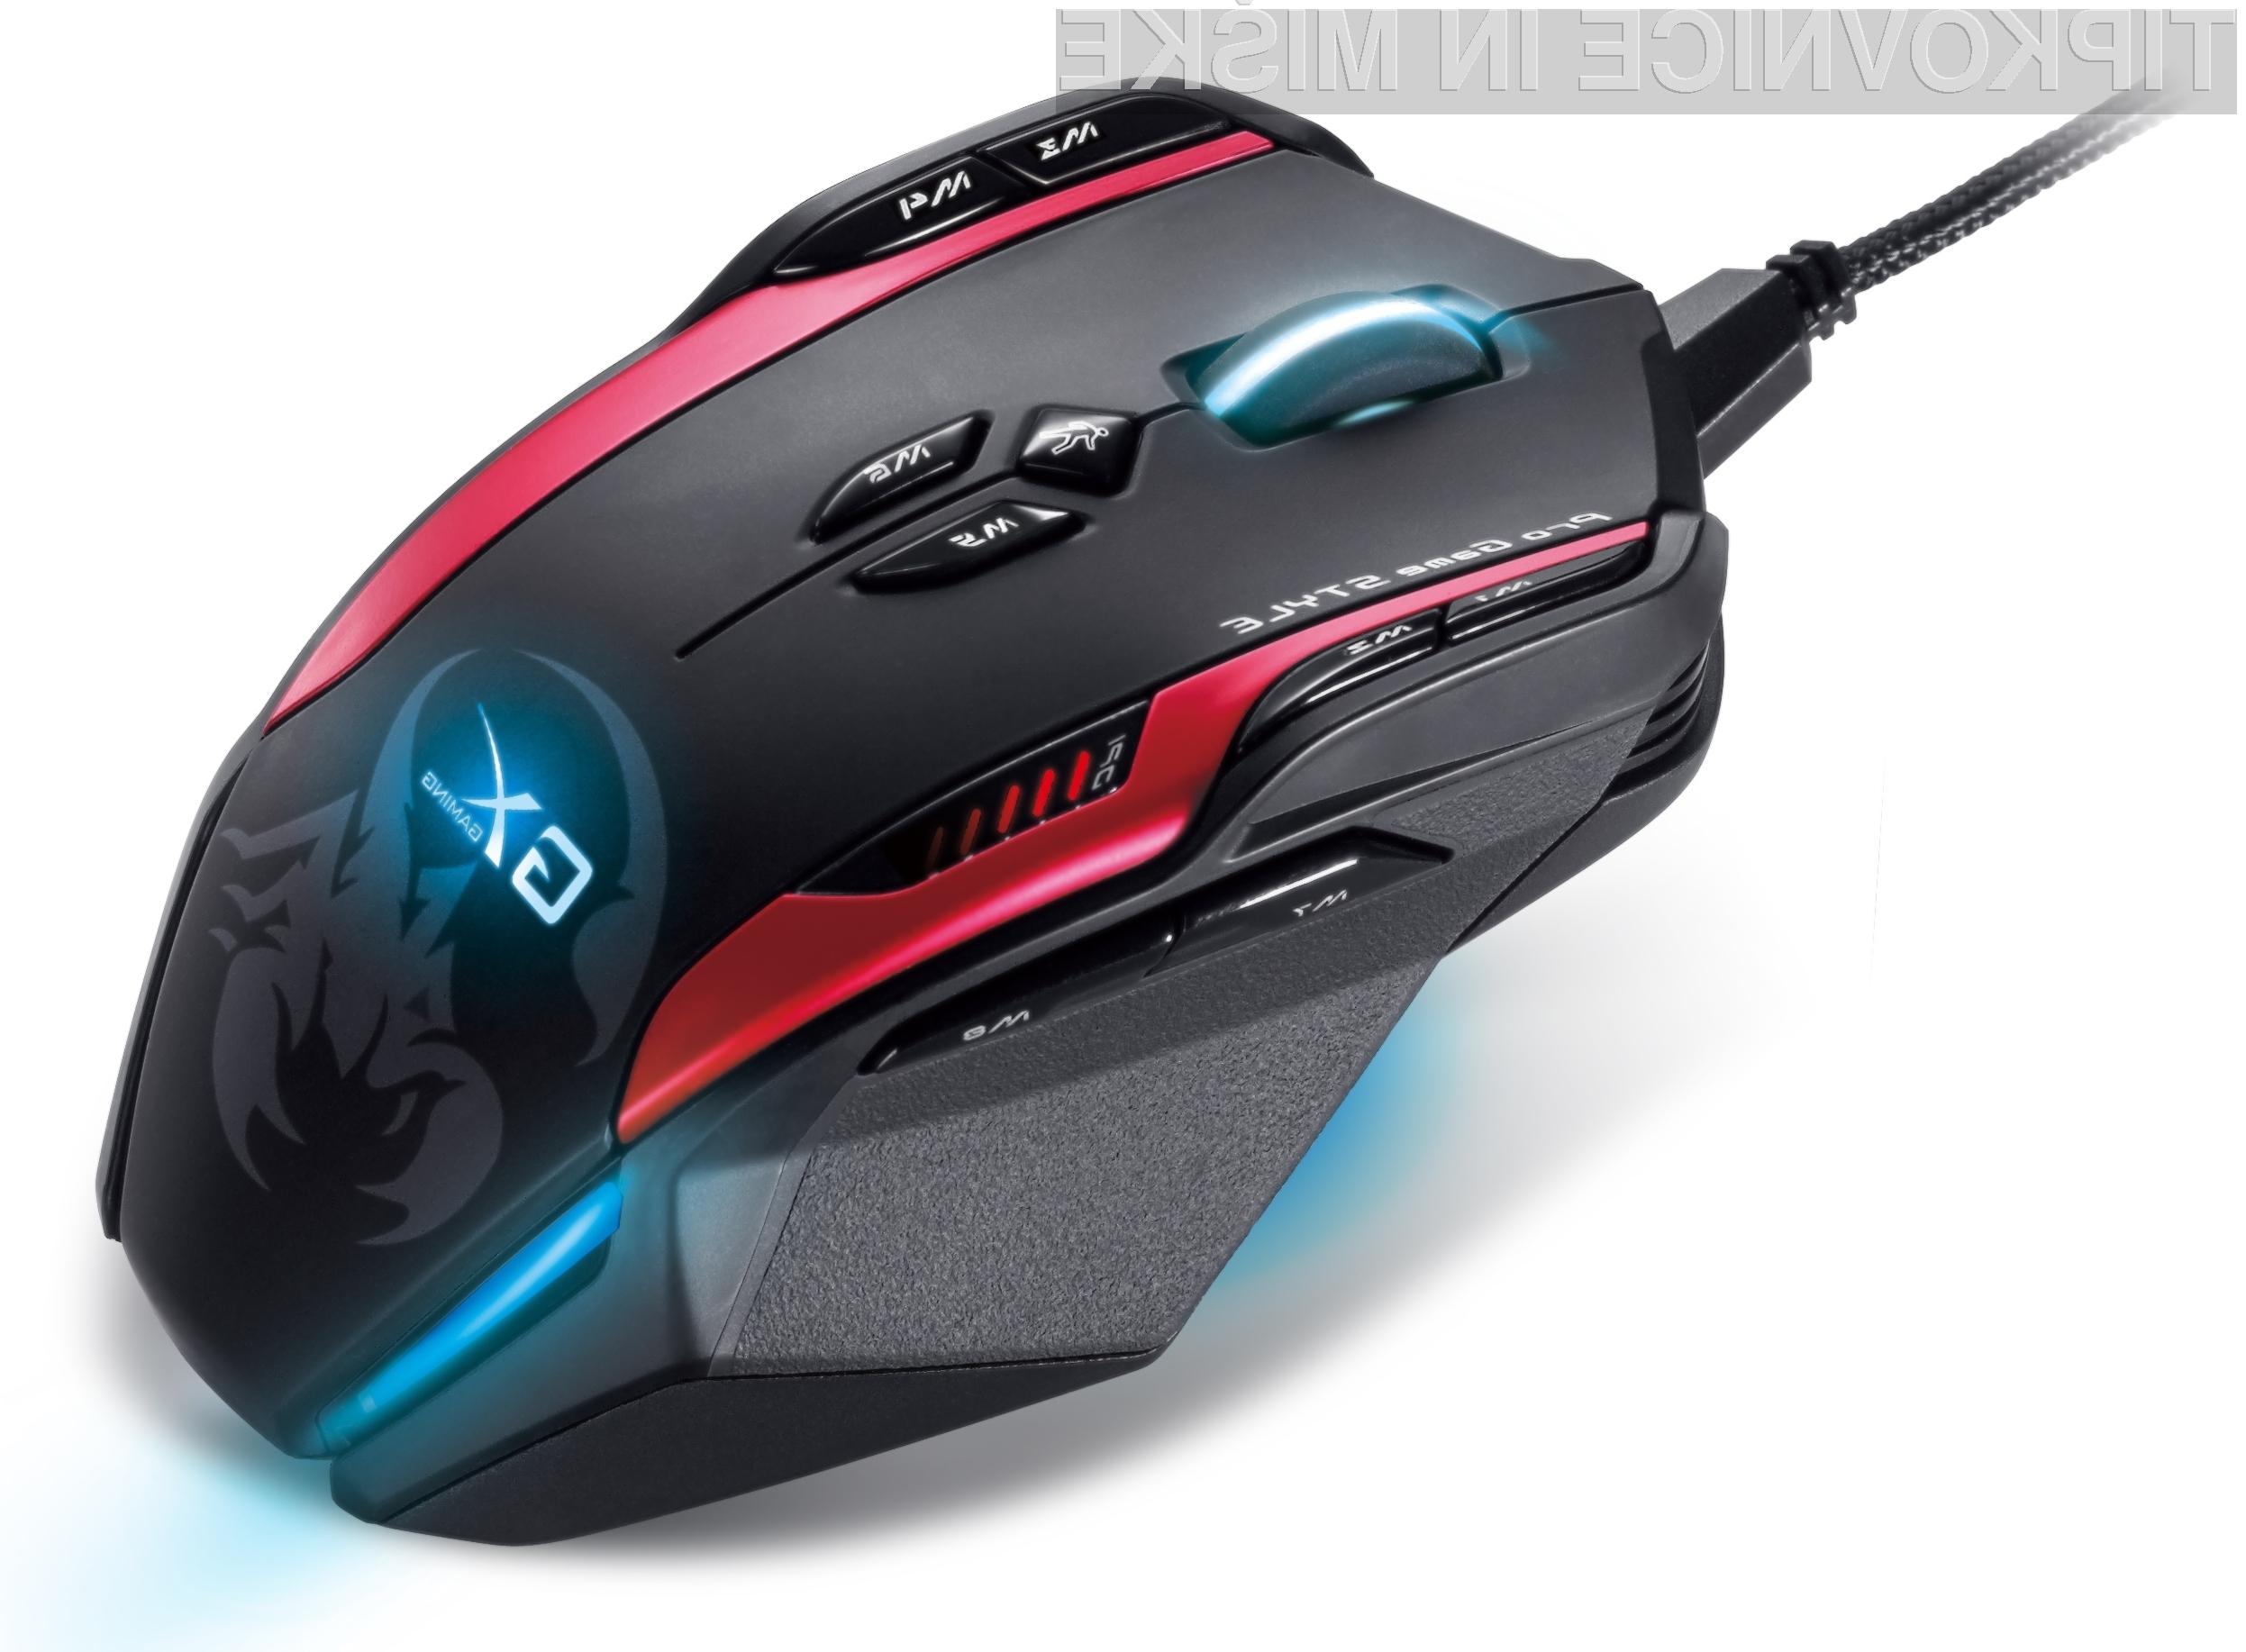 Miška z oznako Gila se bo več kot odlično znašla v vseh žanrih računalniških iger.